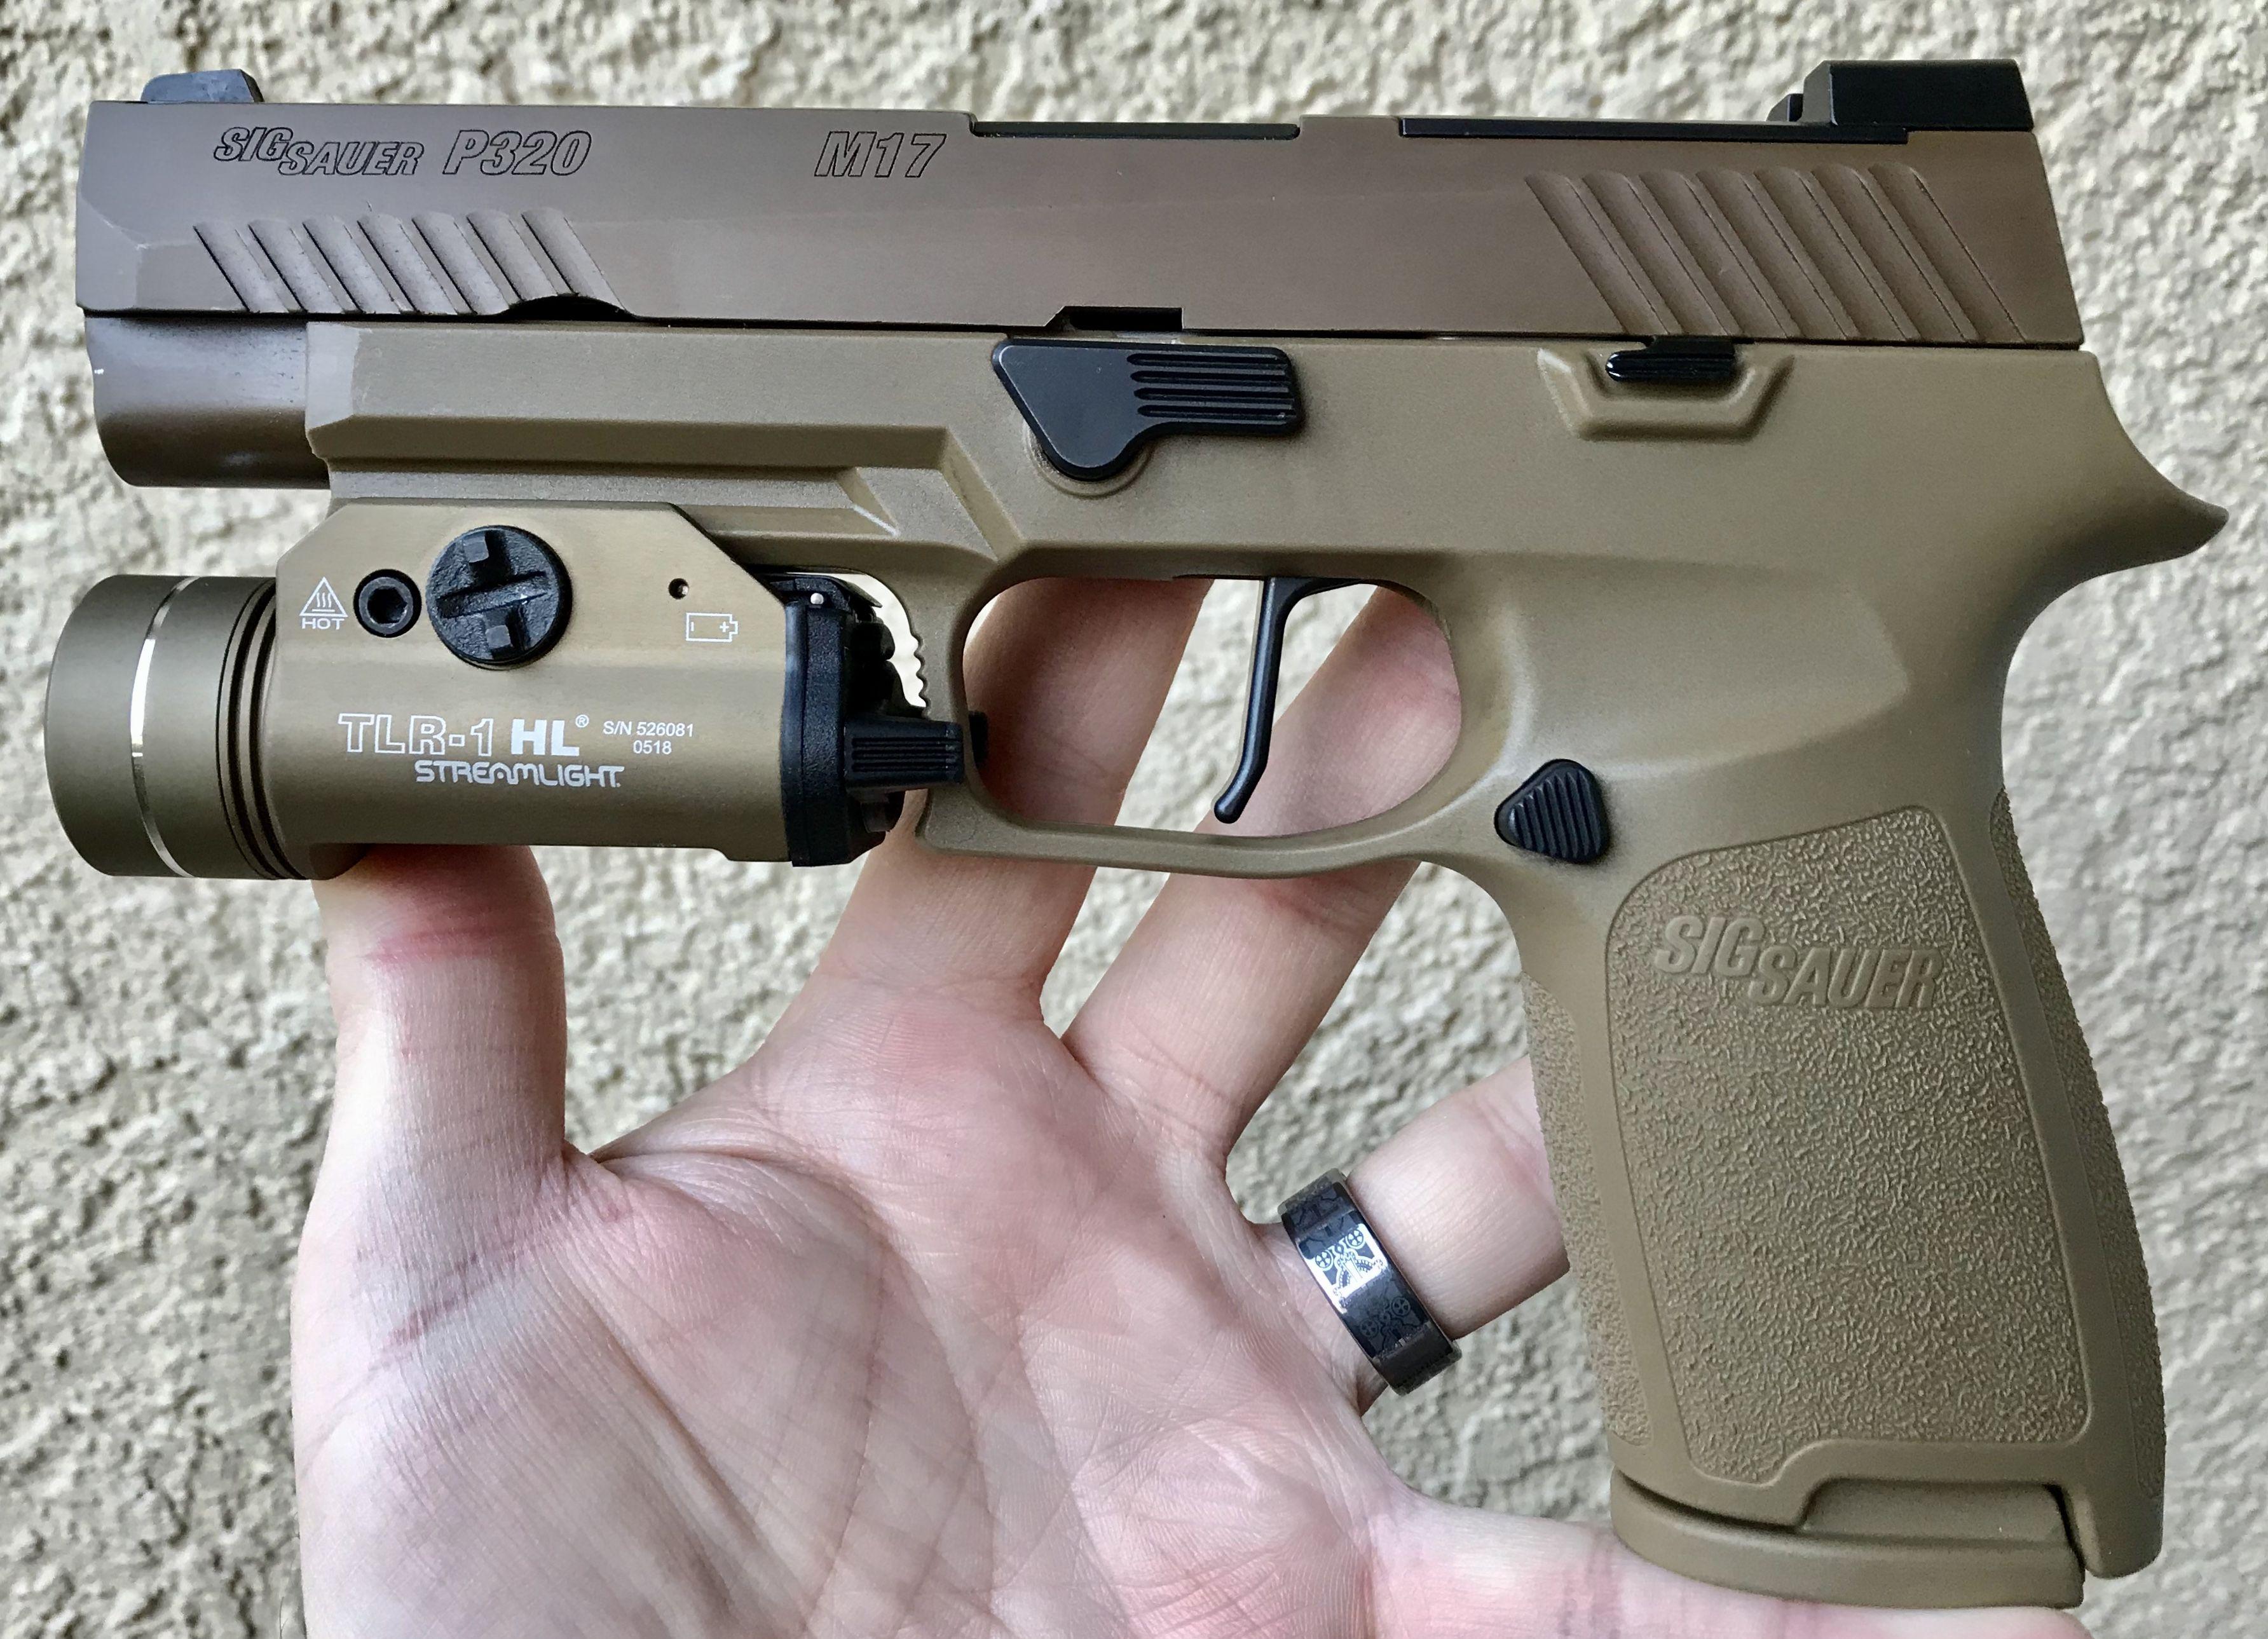 Pin on Favorite Firearms